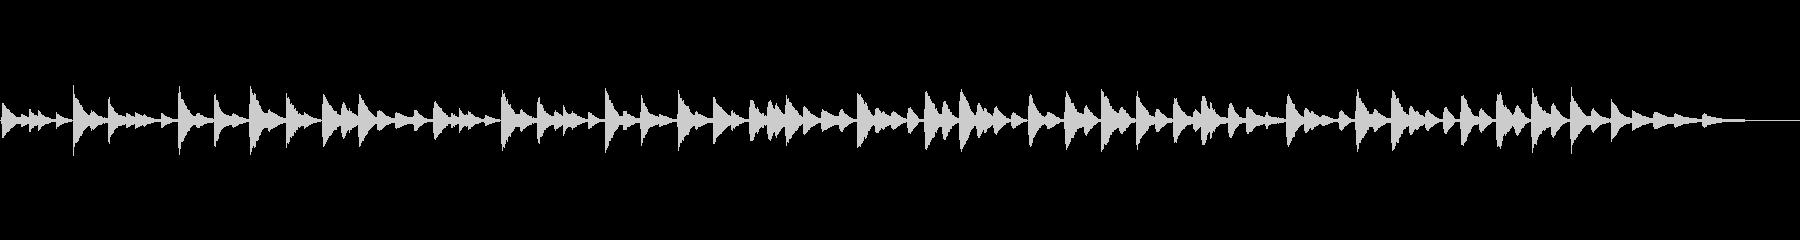 ピアノソロ、チェルニー No.60の未再生の波形